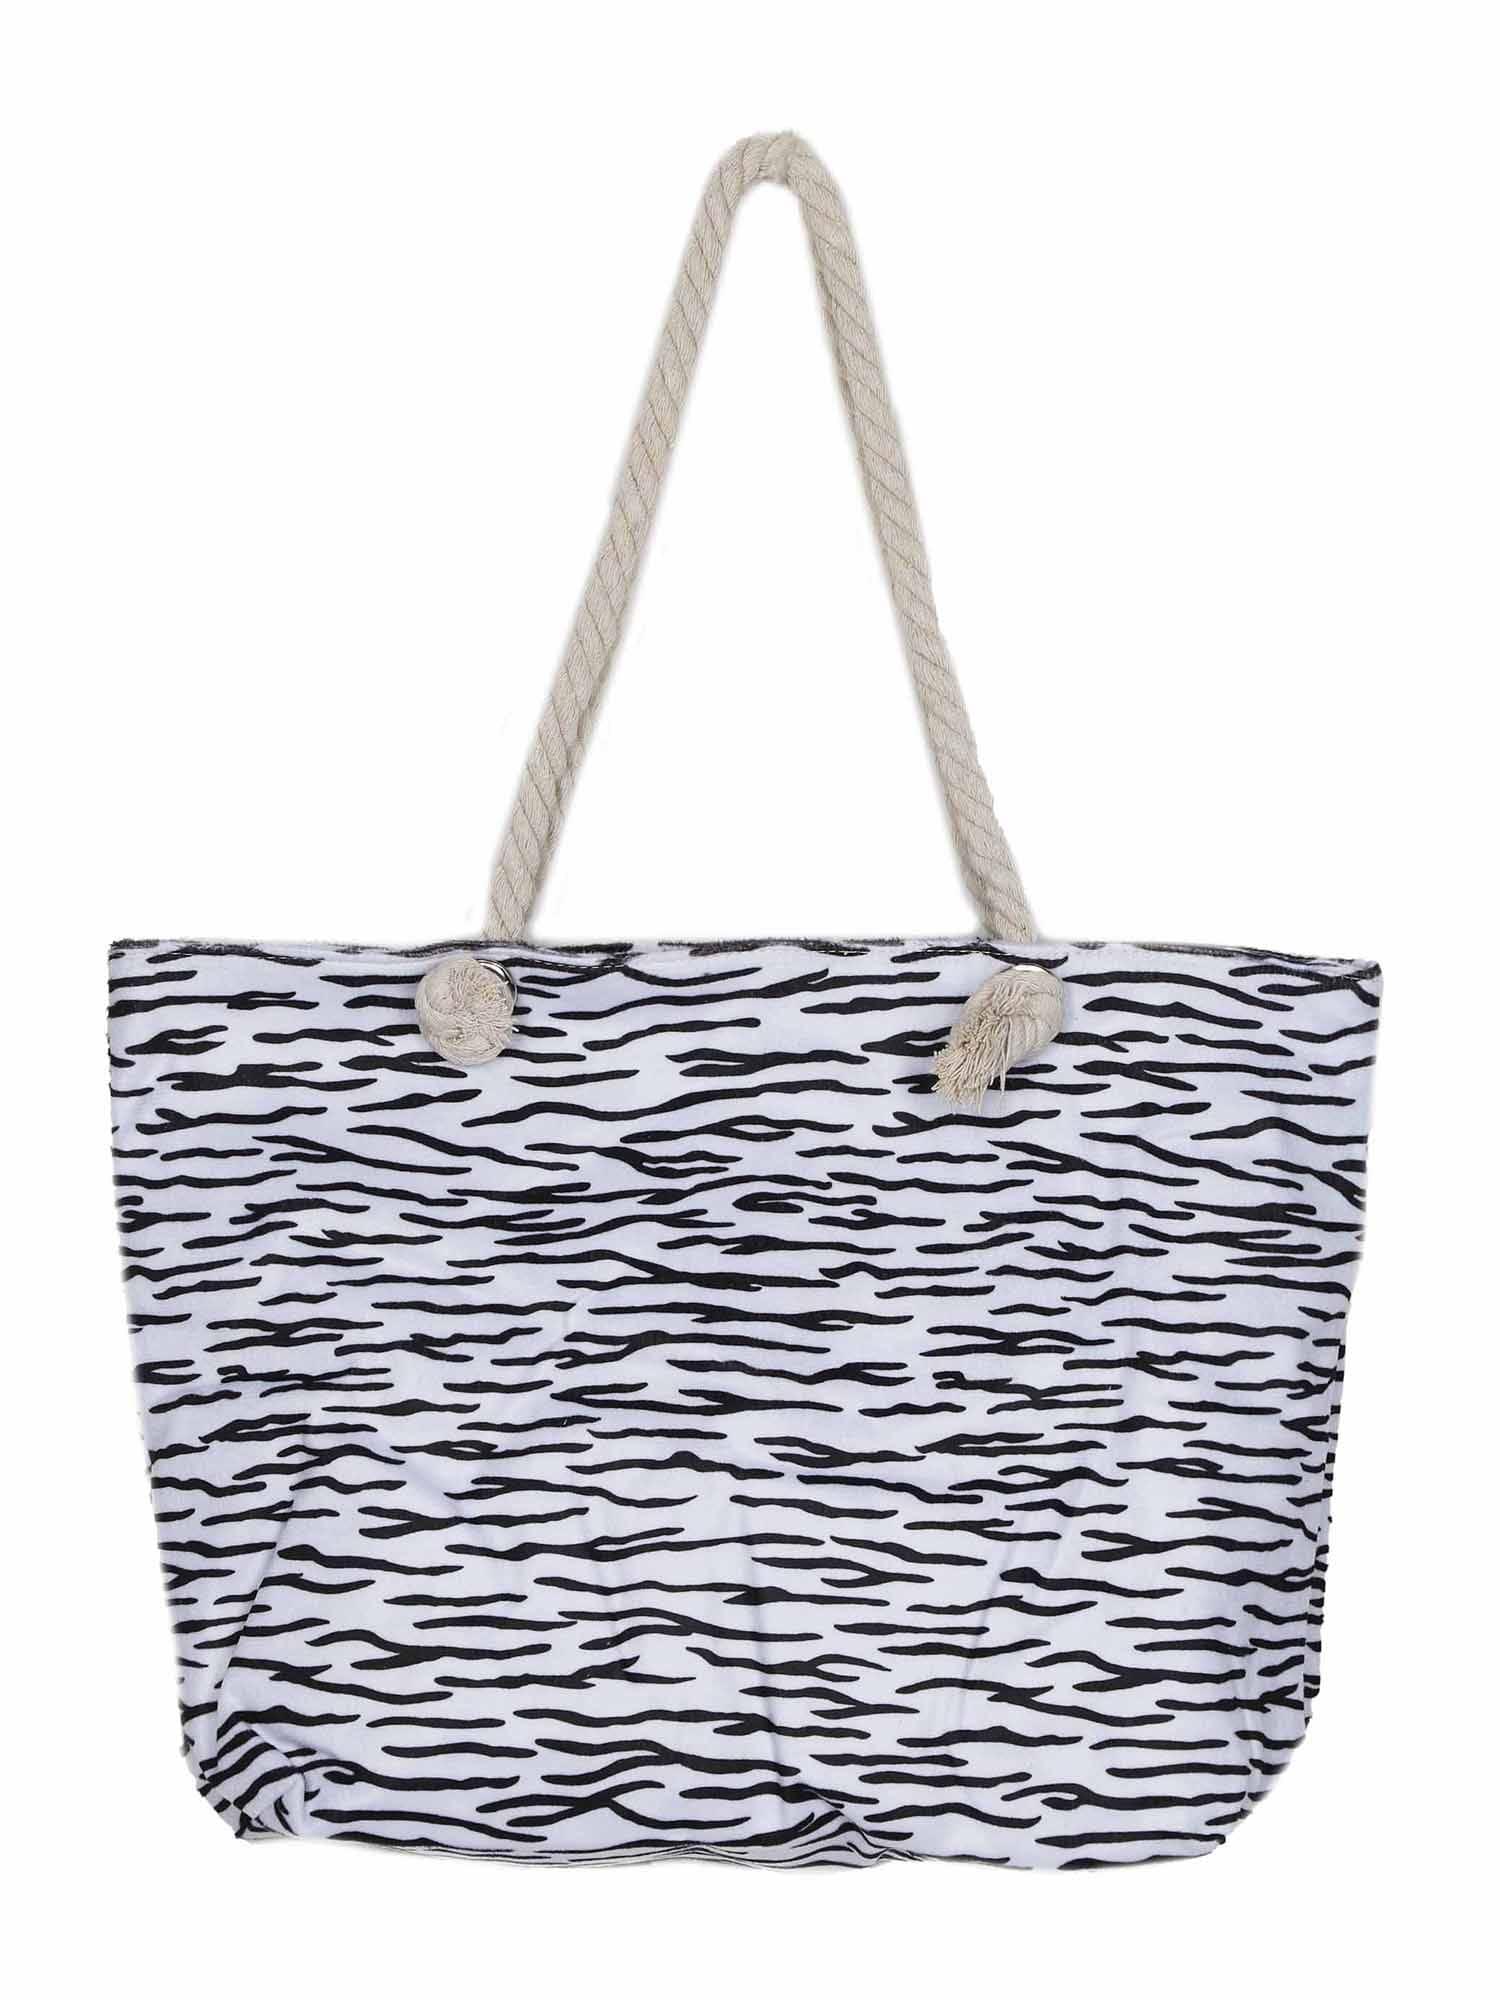 Plážová taška Tessa černá bílá ABOUT YOU